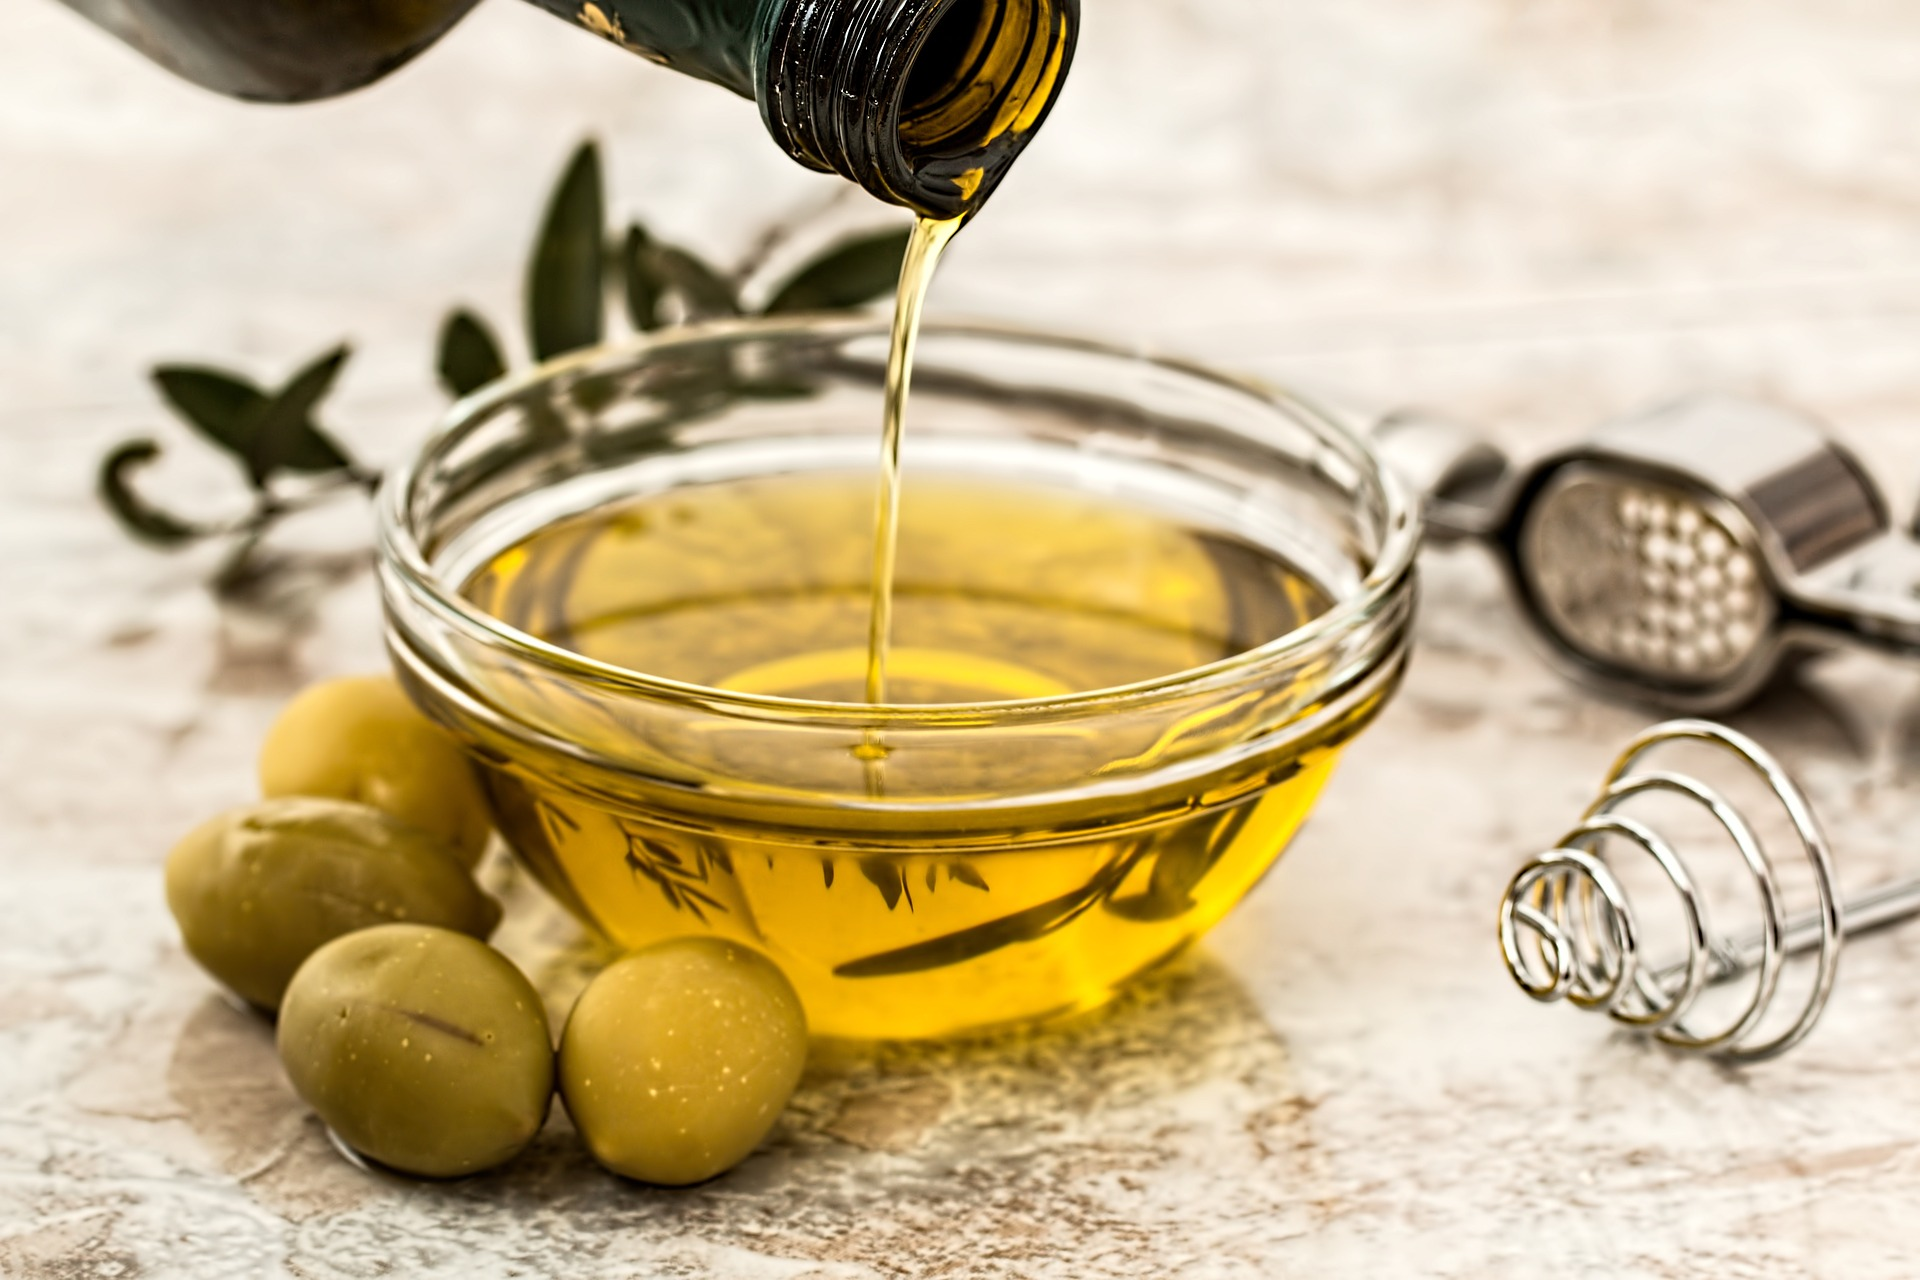 Zdrowa dieta MITY - 1 (fot. pixabay.com)